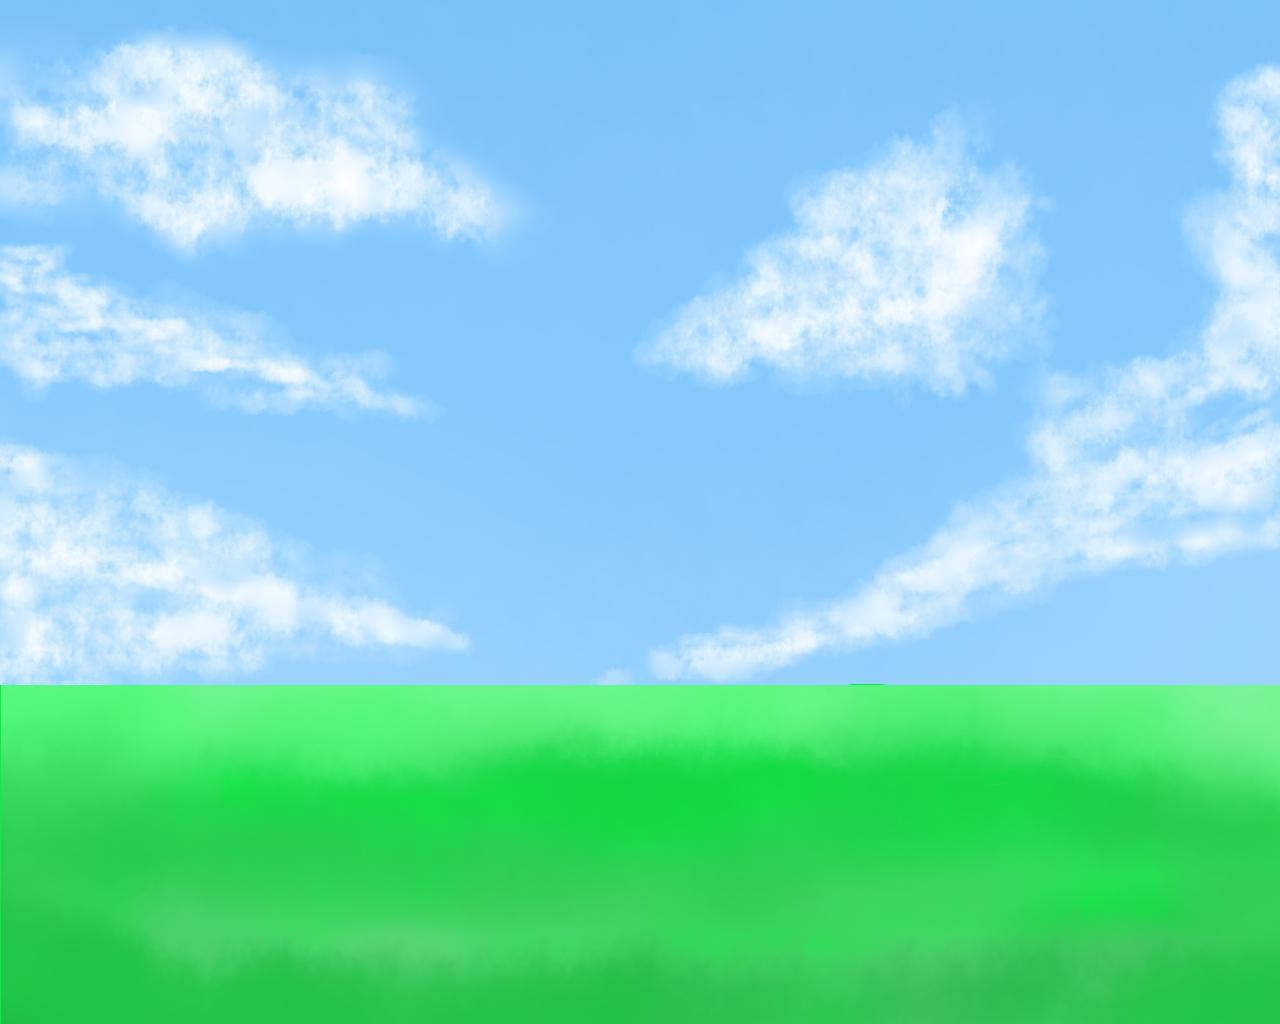 land scape ;p